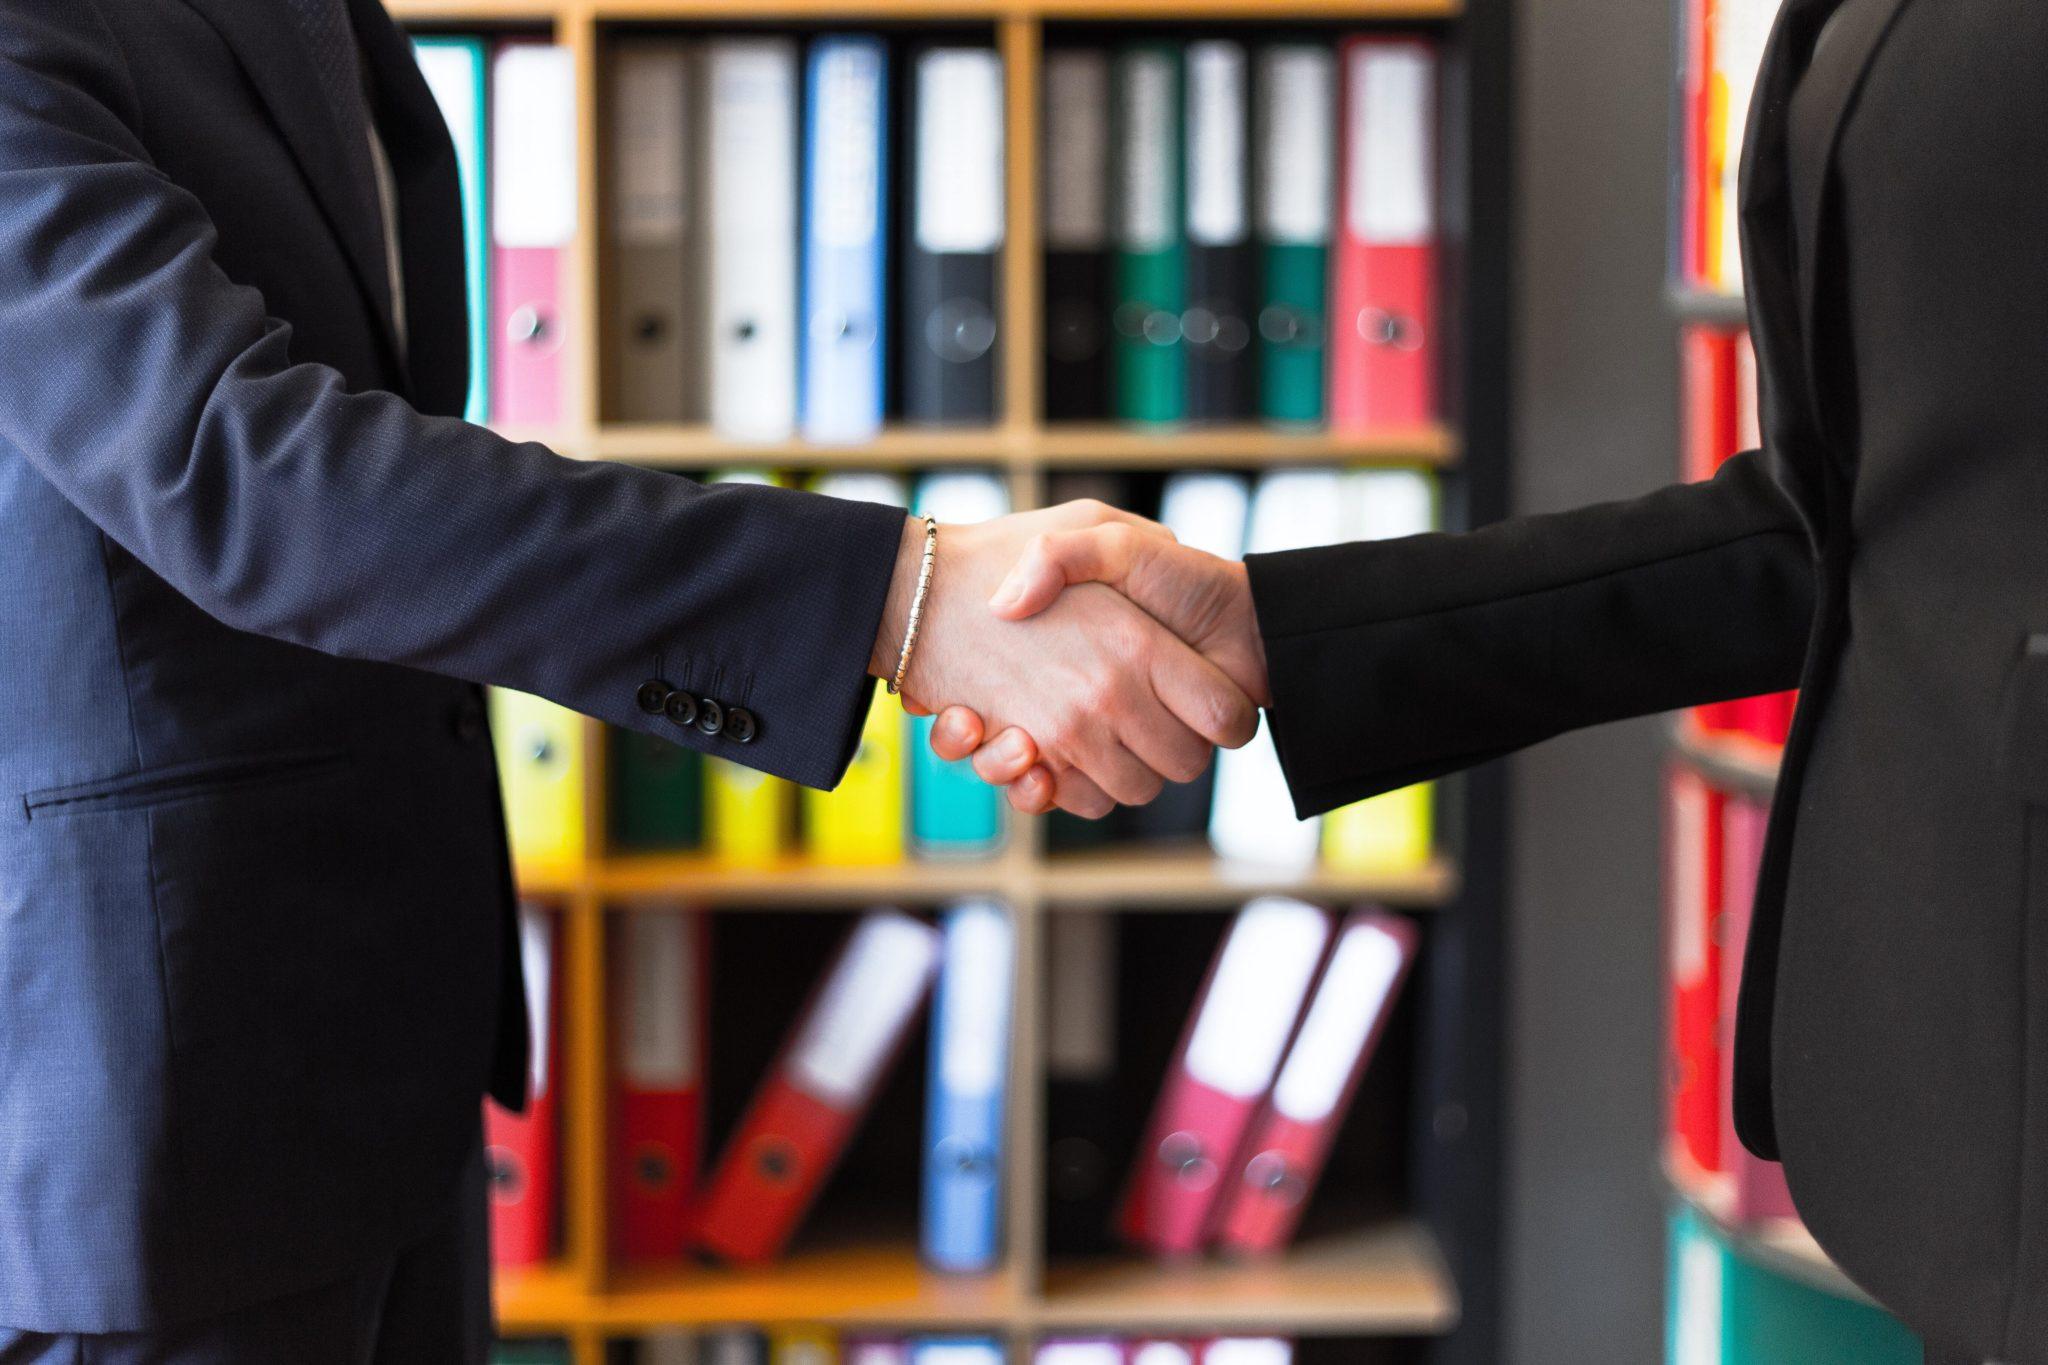 Zmiany w organizacji – jak rozmawiać z Pracownikami?